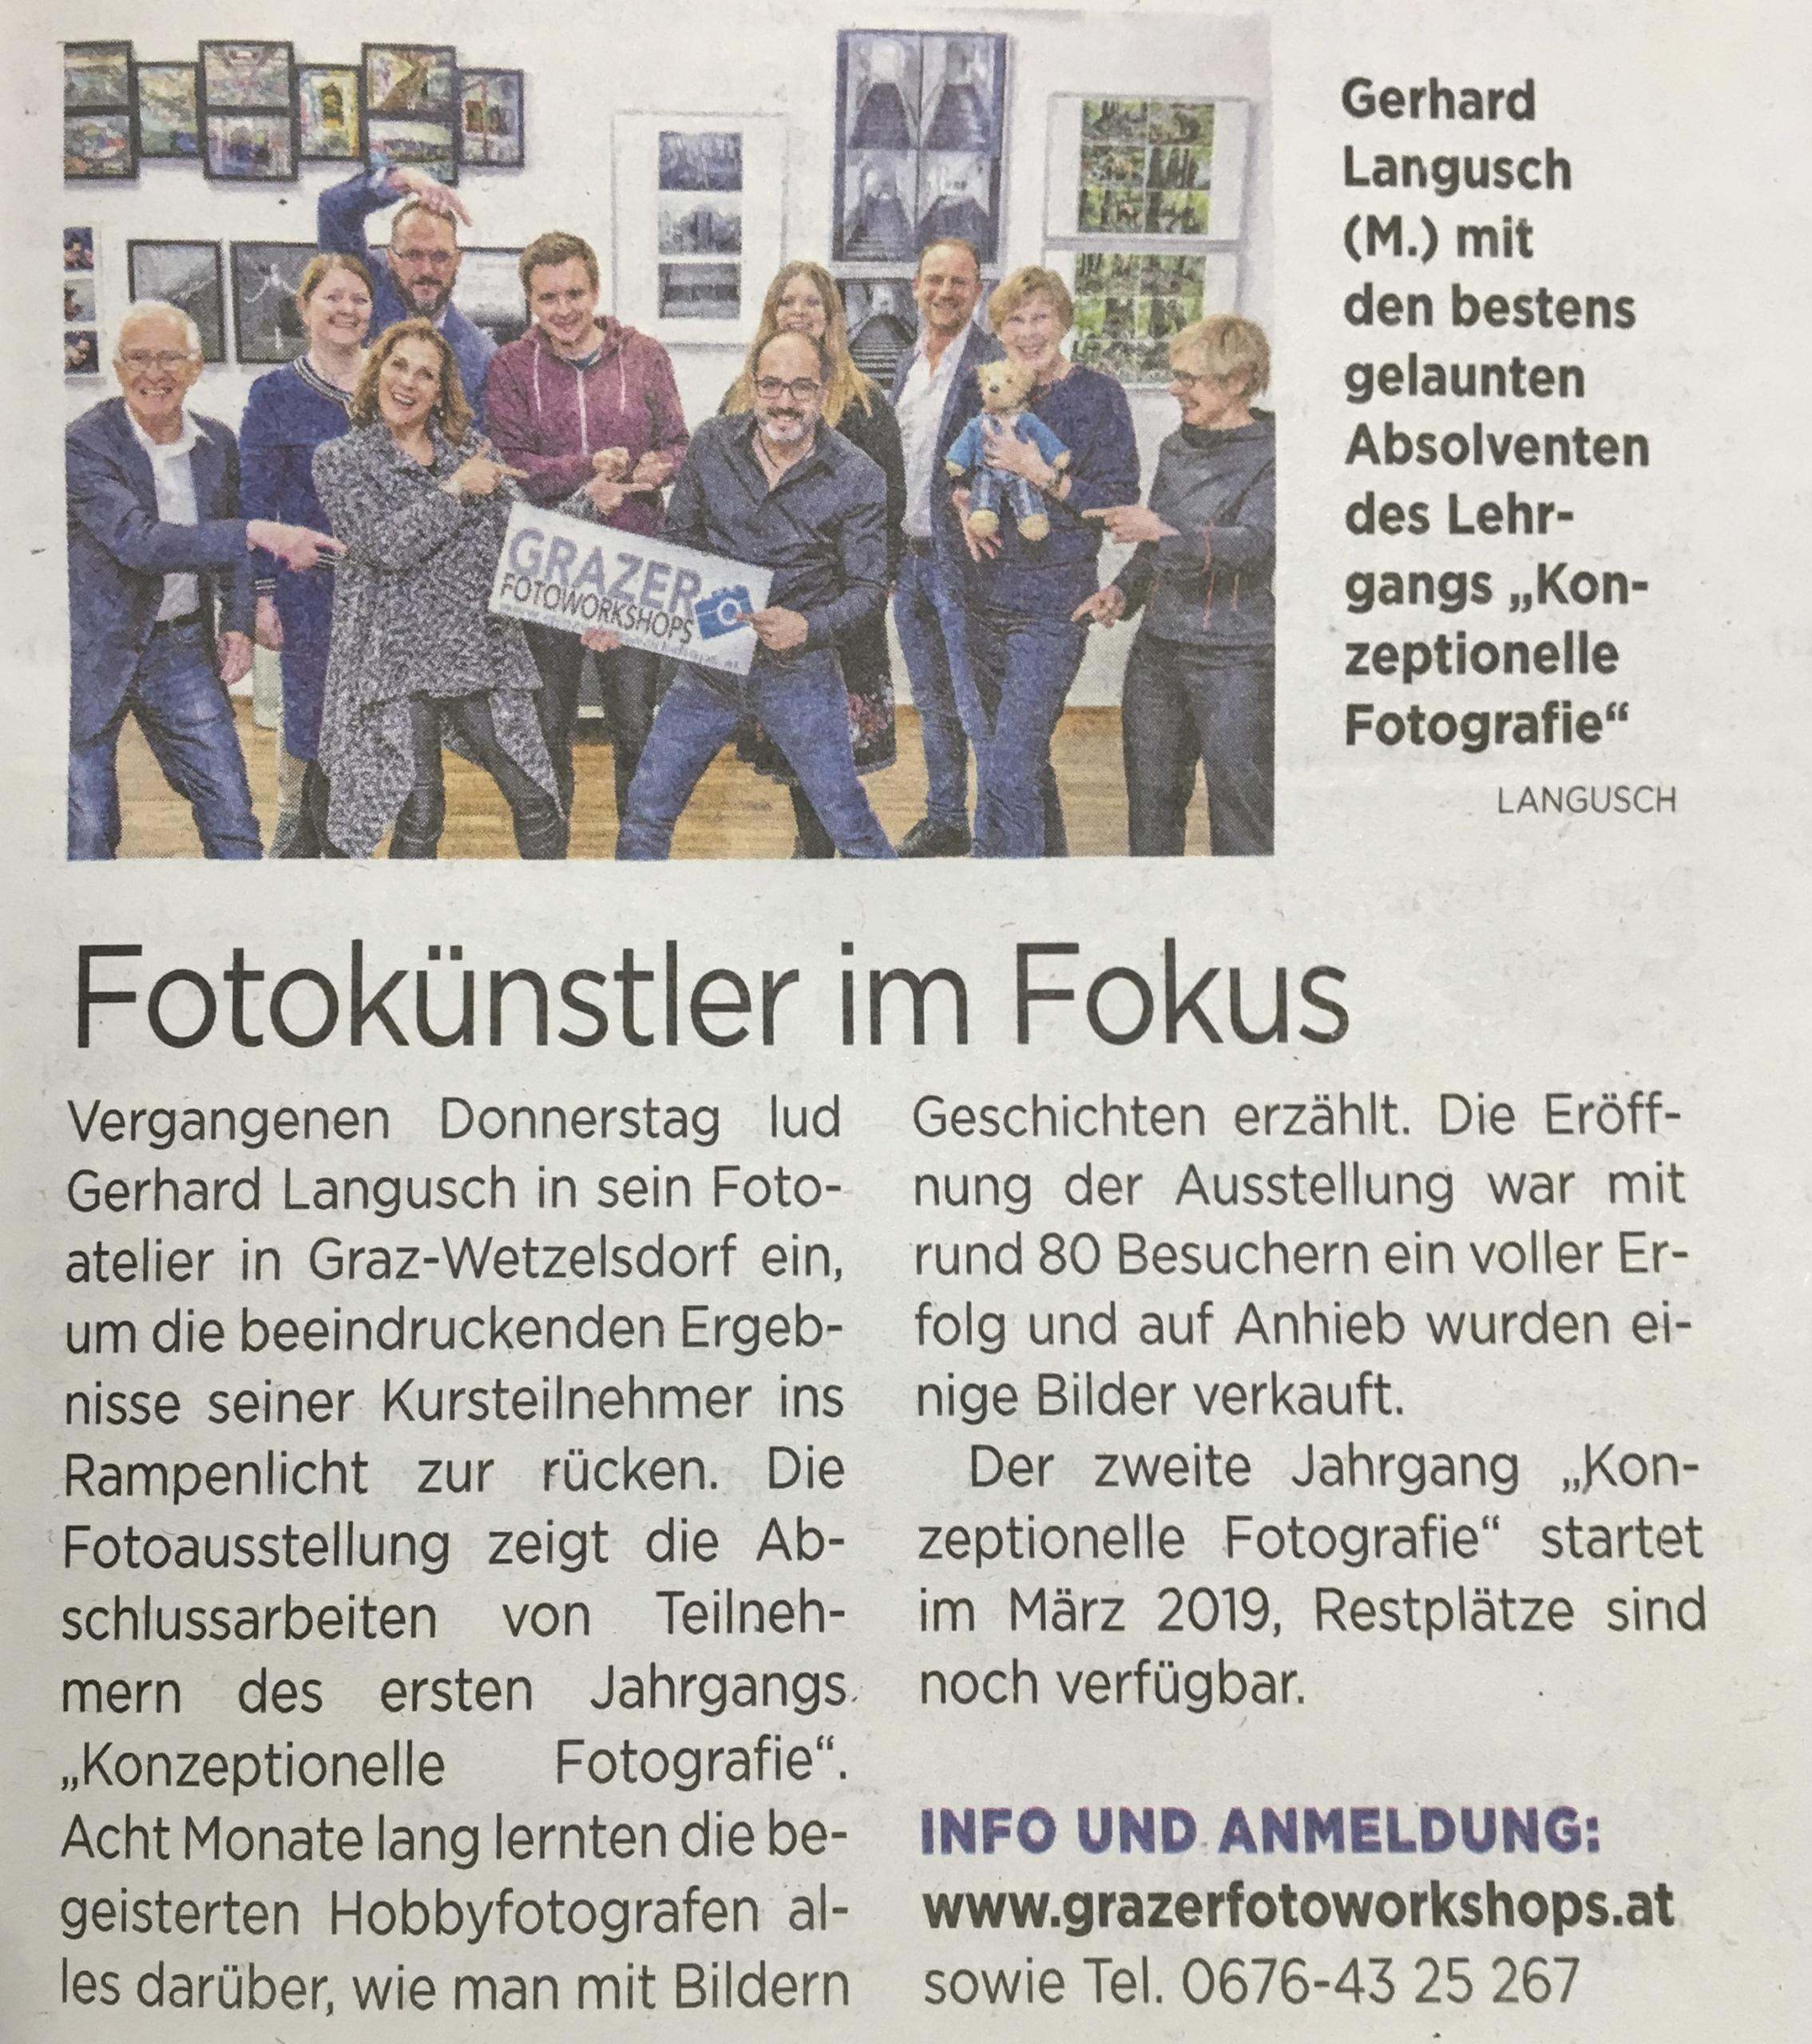 Kleine Zeitung Pressebericht - Grazer Fotoworkshops